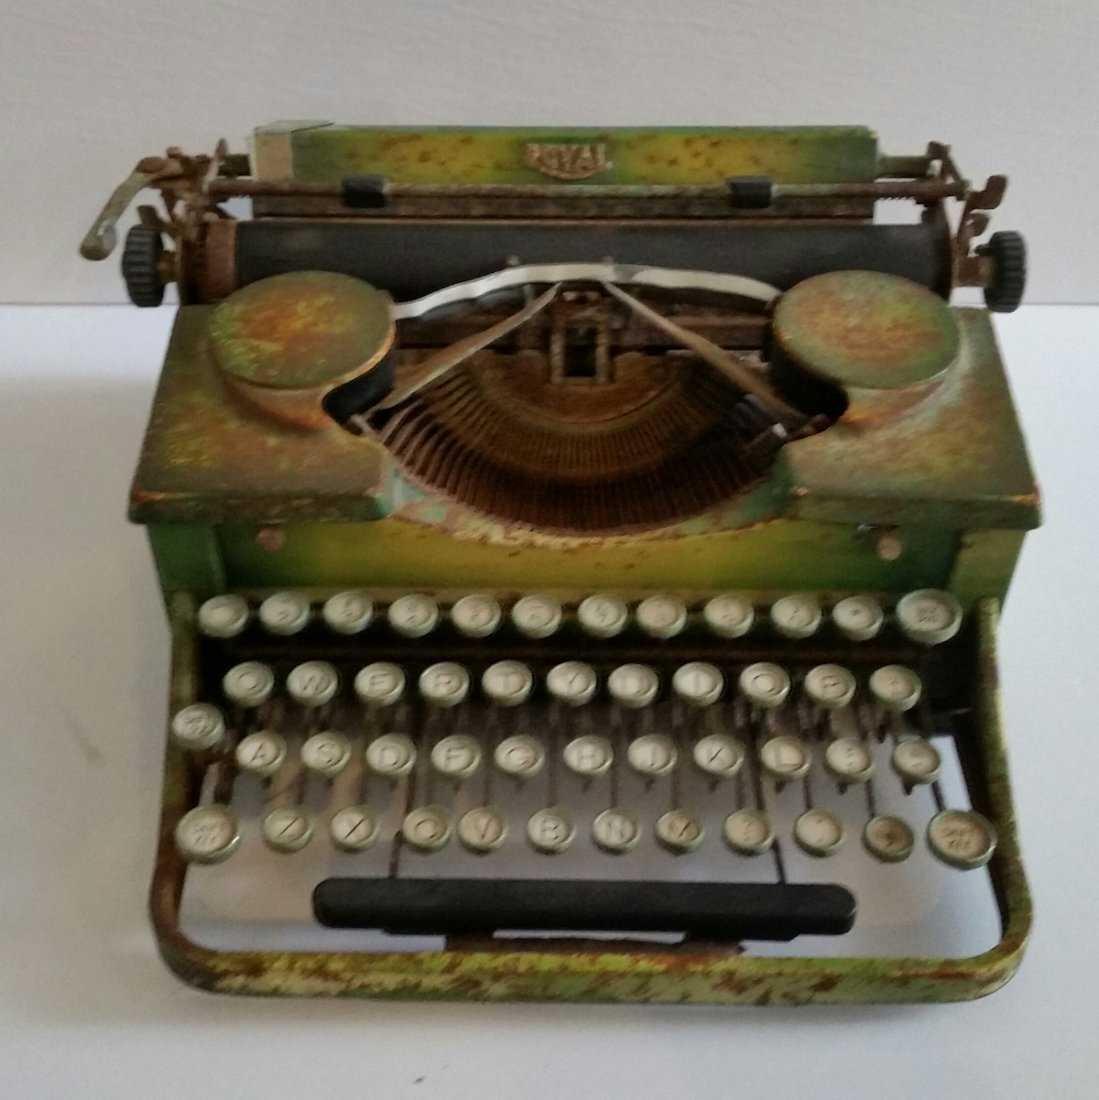 Antique Vintage Royal Typewriter 1940s